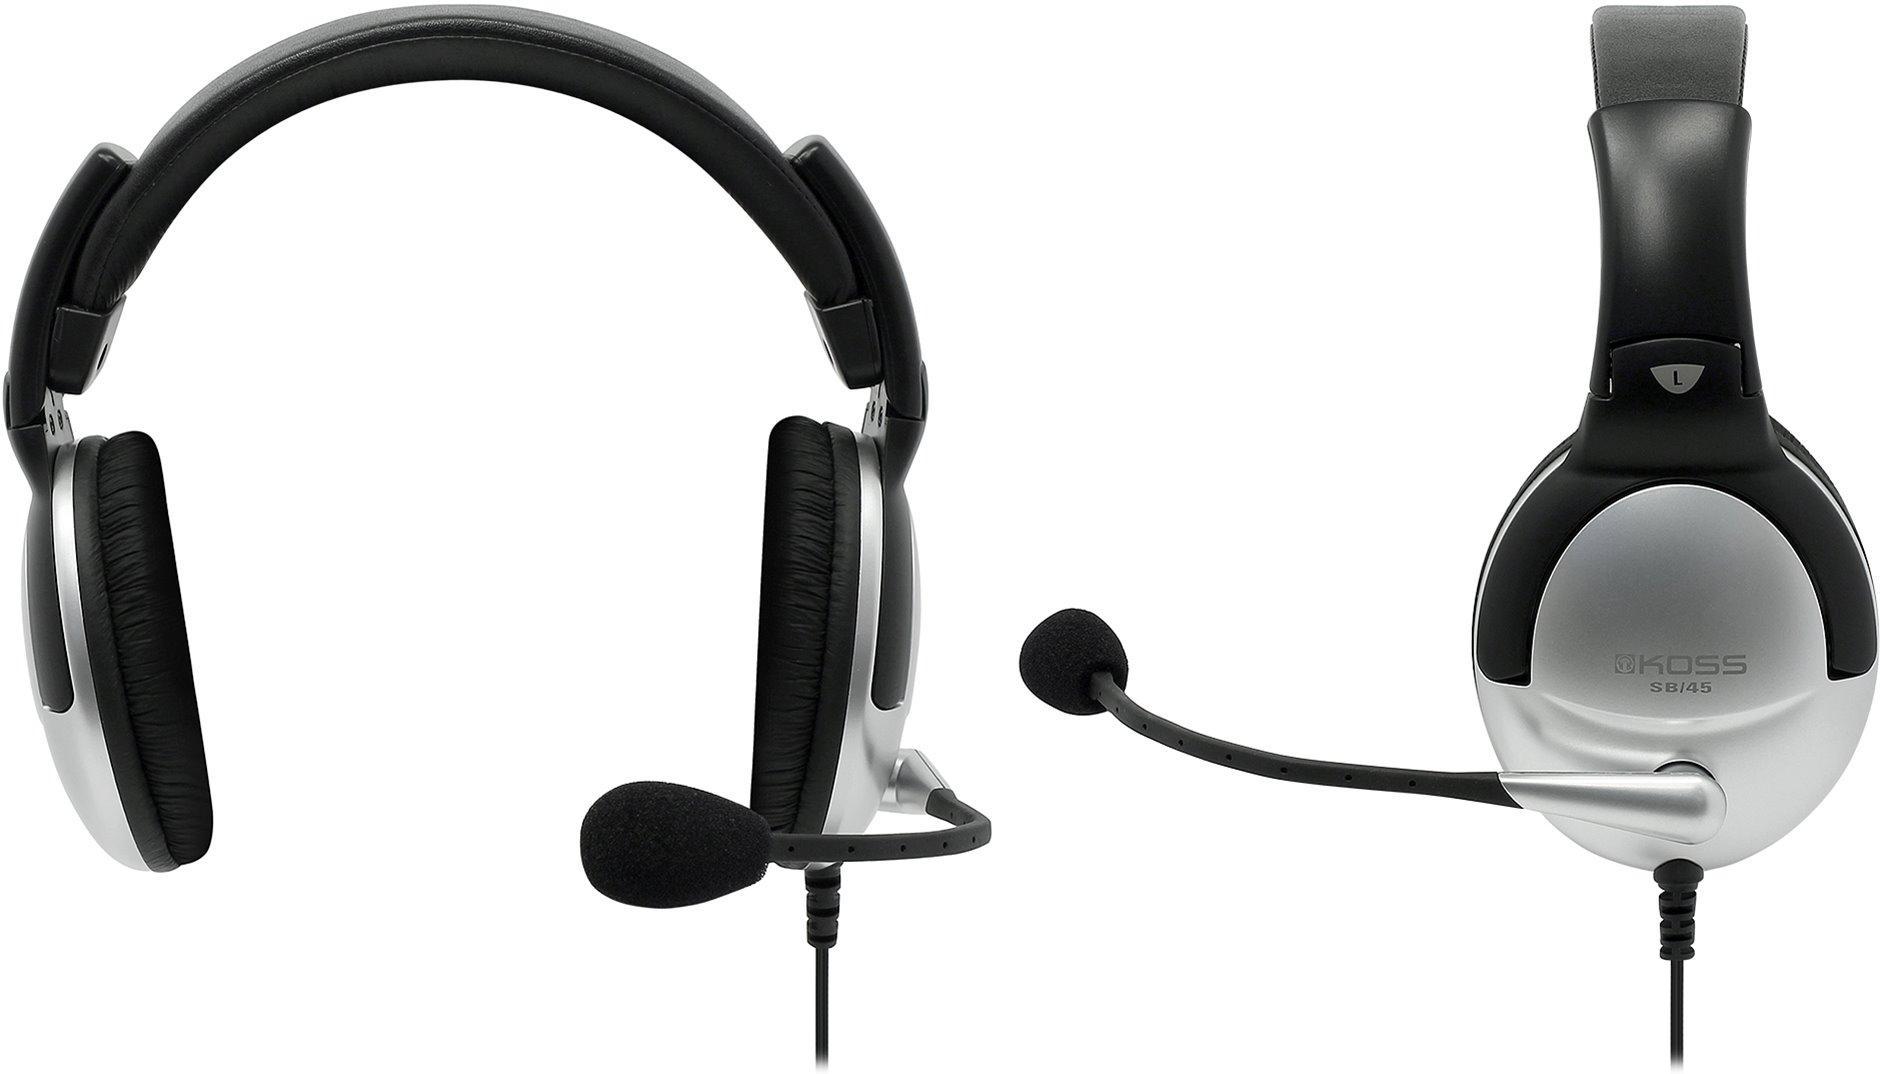 Выбираем лучшие наушники с микрофоном для компьютера: Удобство, качество звучания и подавление шума на 5+